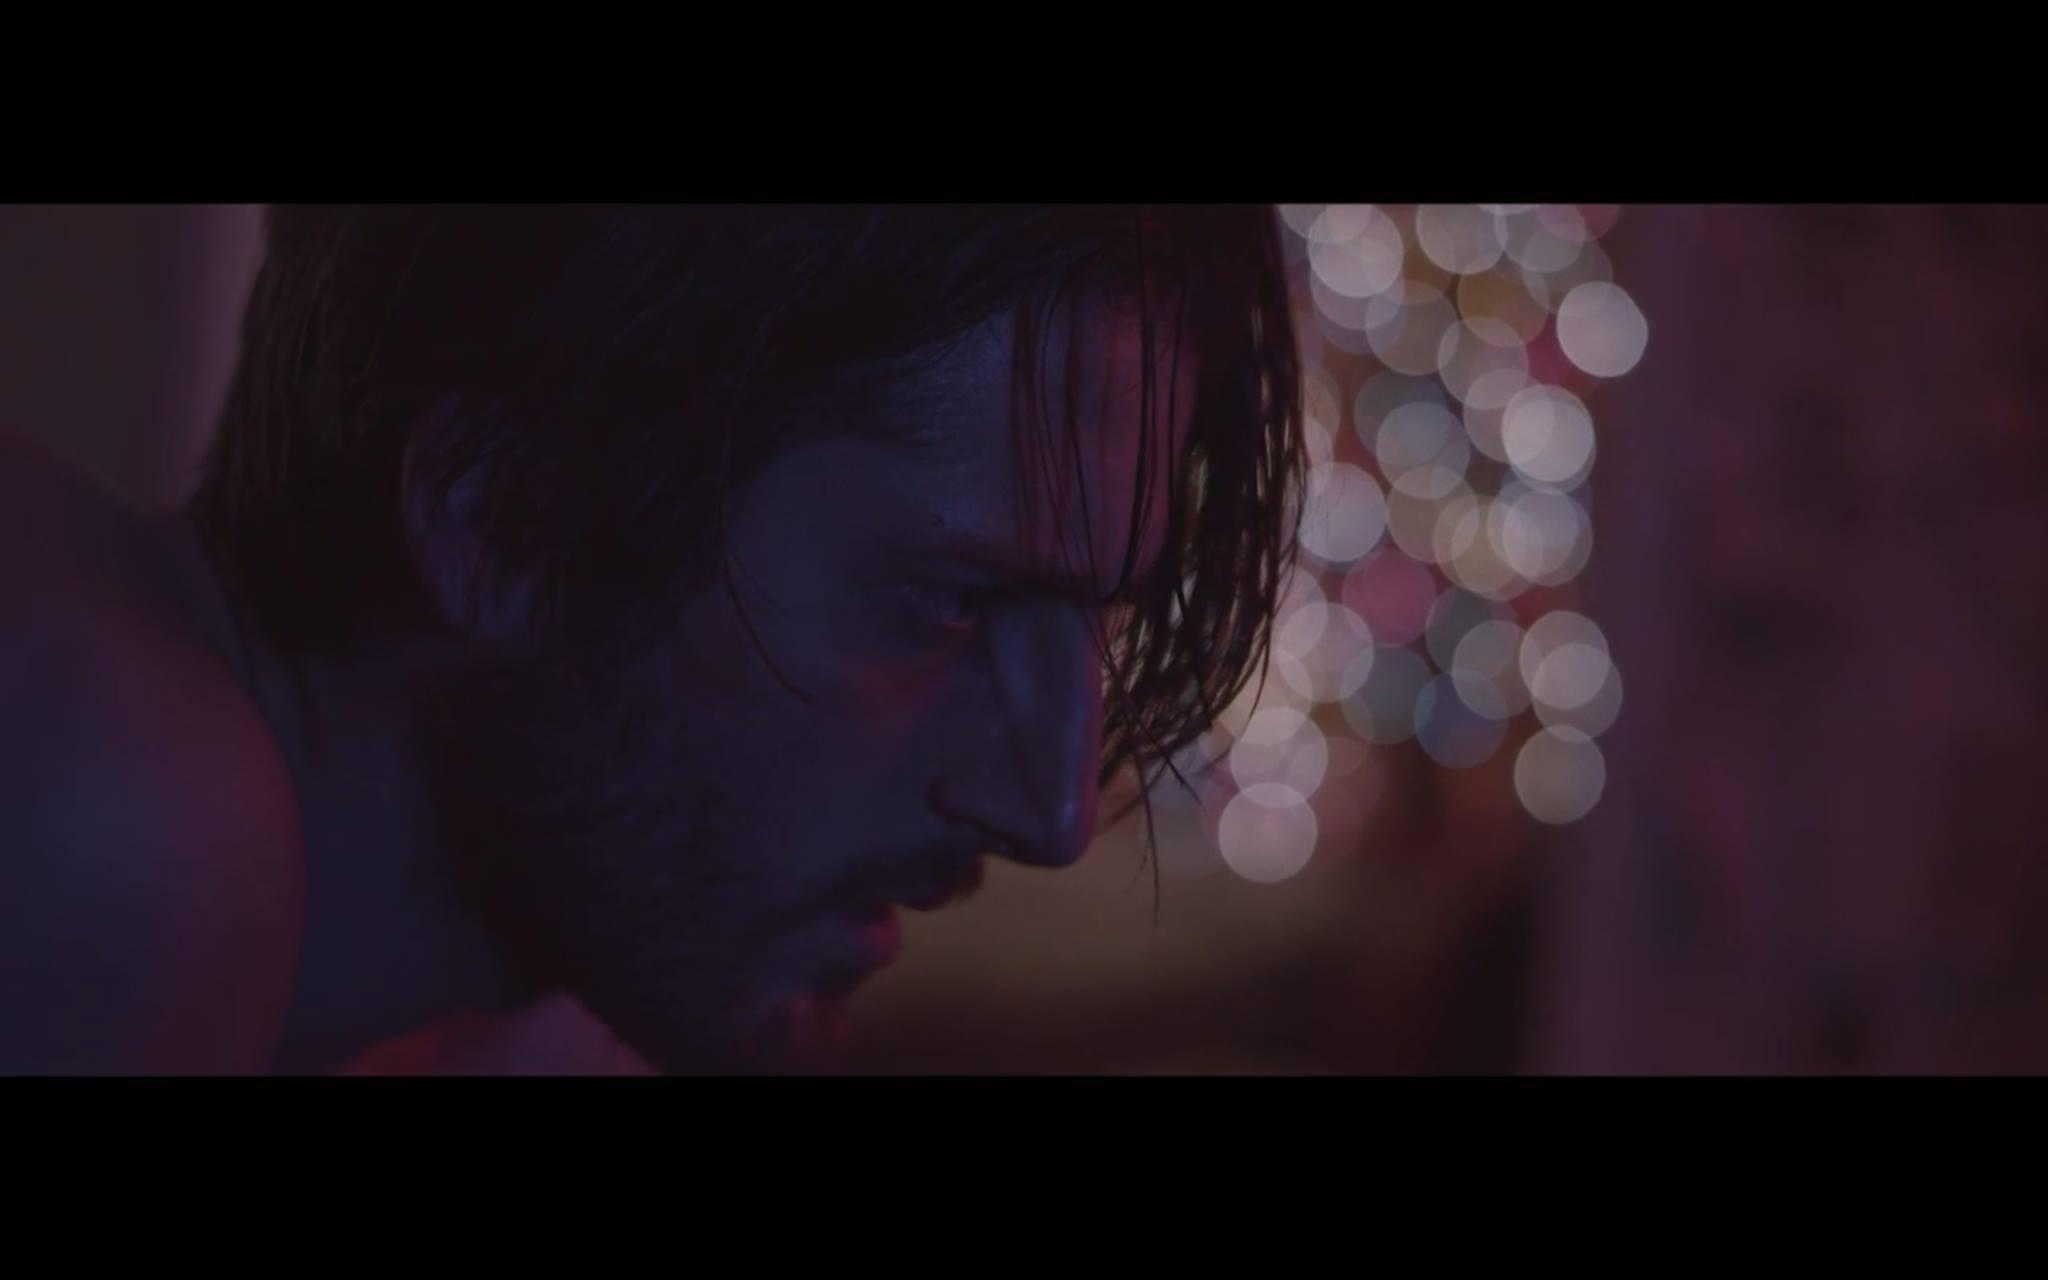 Echo - Alex Ribar (Adam)